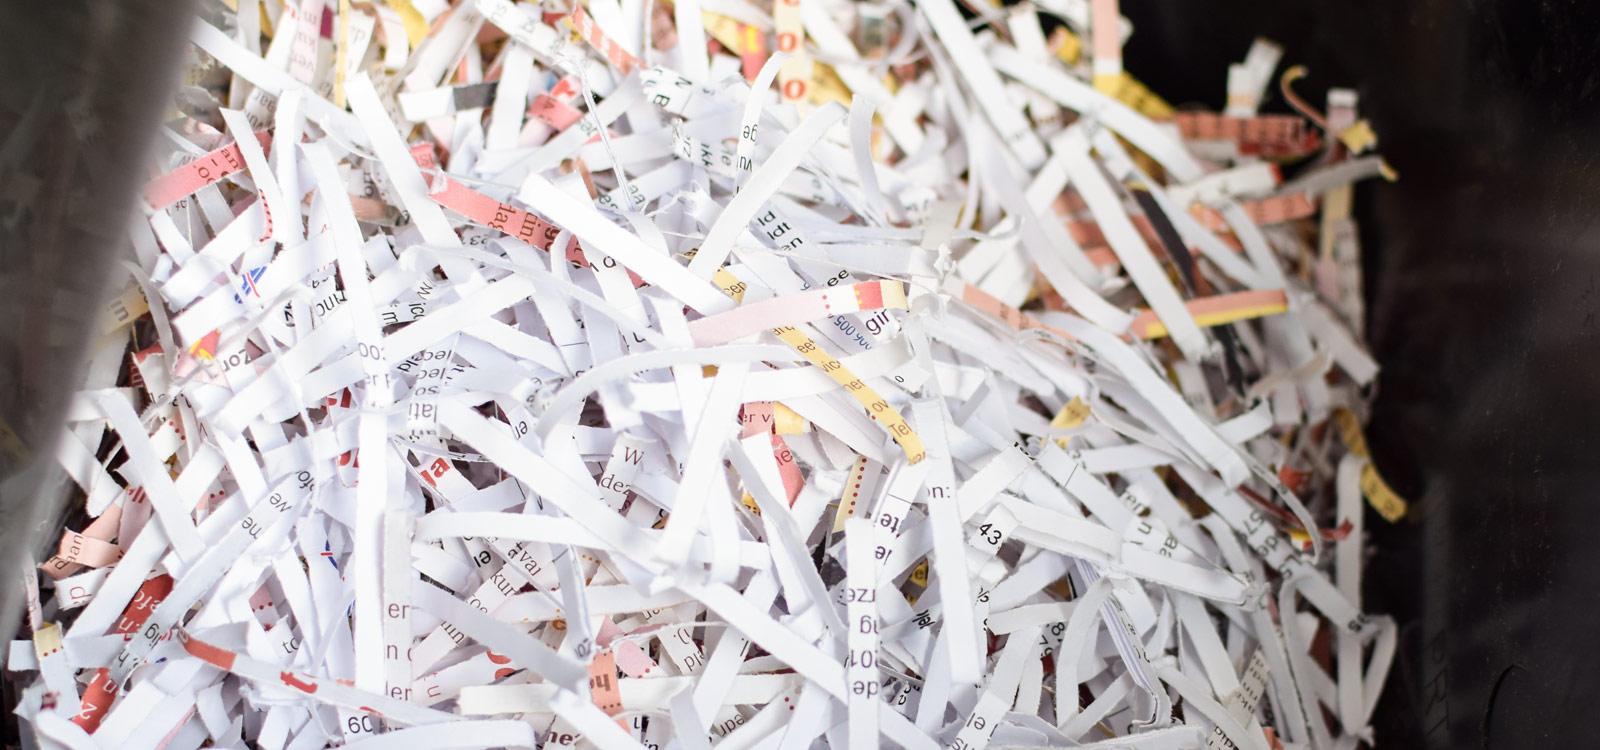 versnipperd-papier-in-de-shredder-voordelen-papiervernietiging